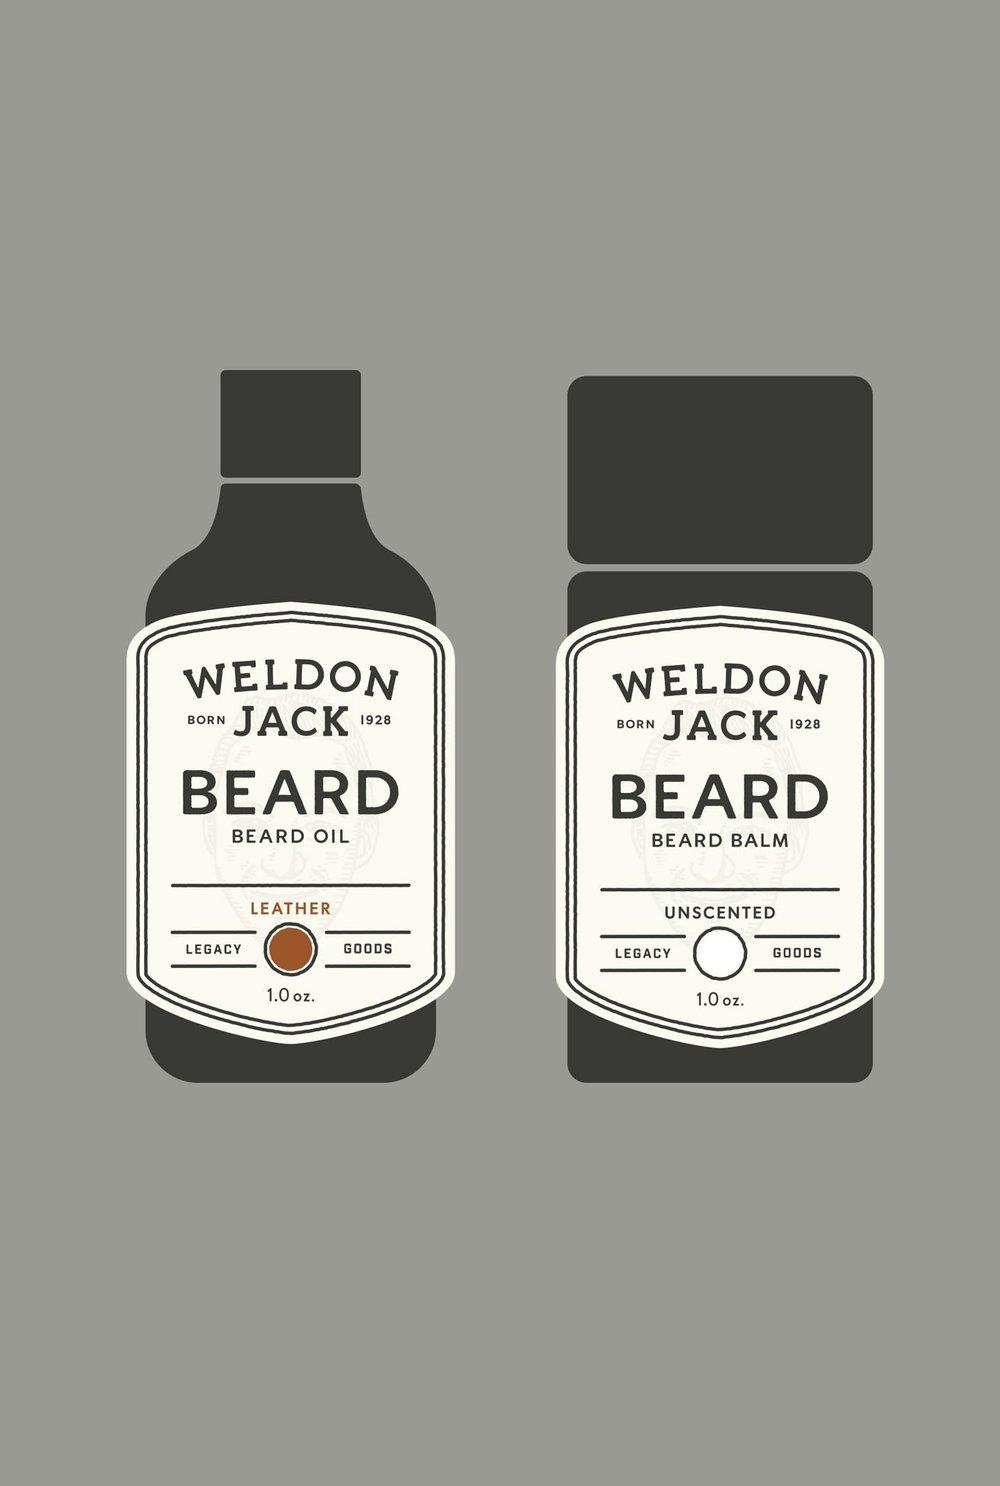 weldonjack-vert_label-system-beard.jpg